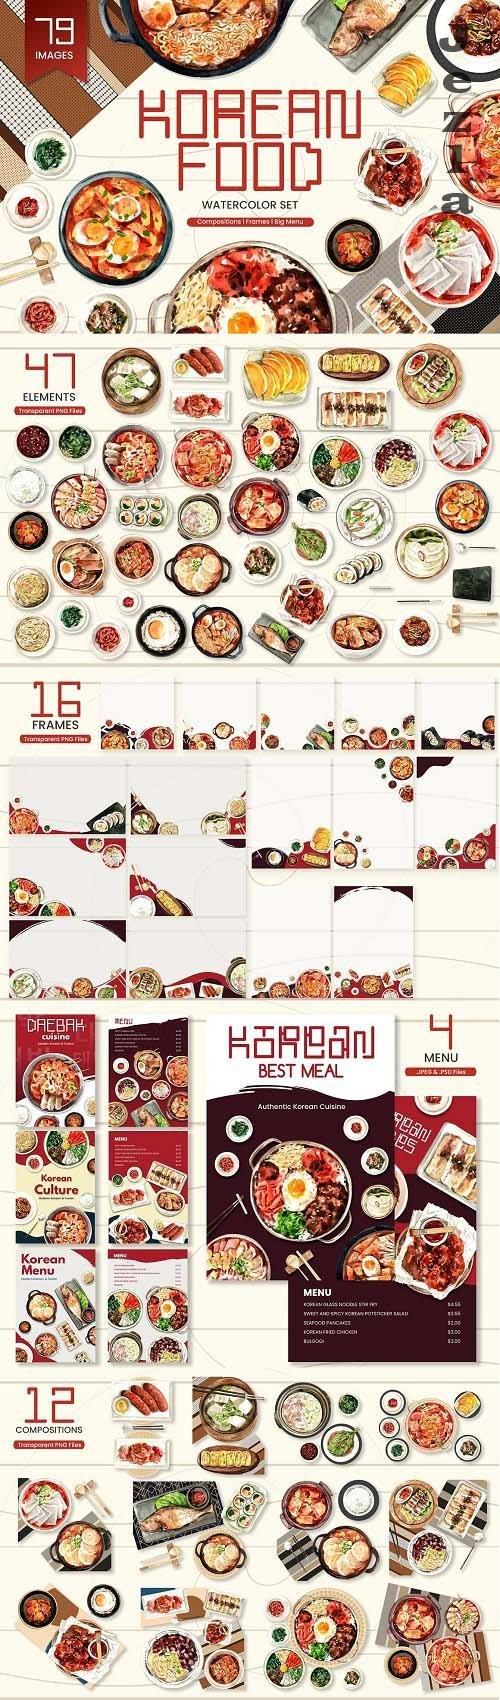 Korean Food,Asian Recipe watercolor - 6268926